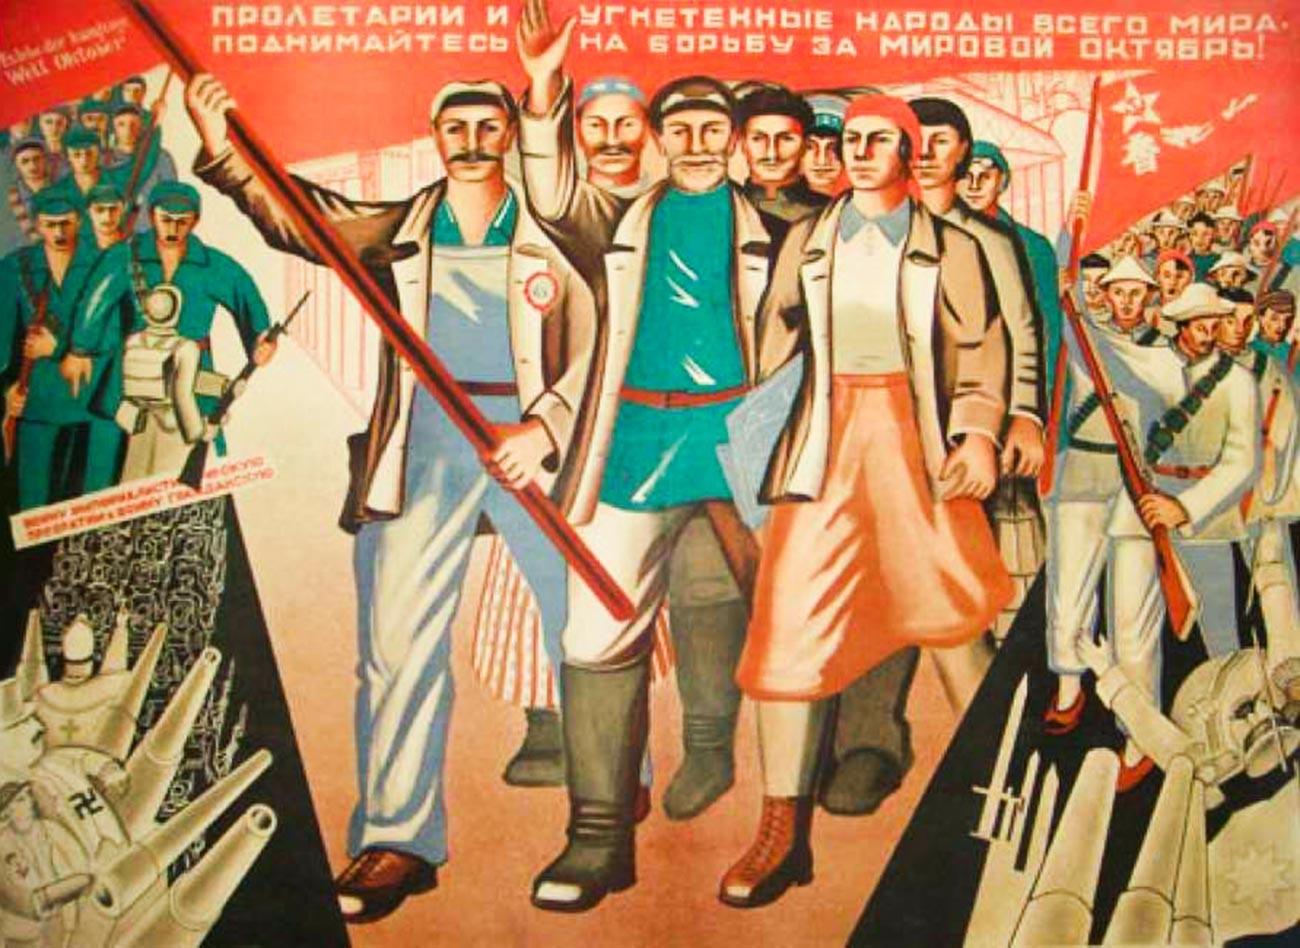 Proletarier und unterjochte Völker der Welt erheben sich, um einen Krieg für den globalen Oktober zu führen!